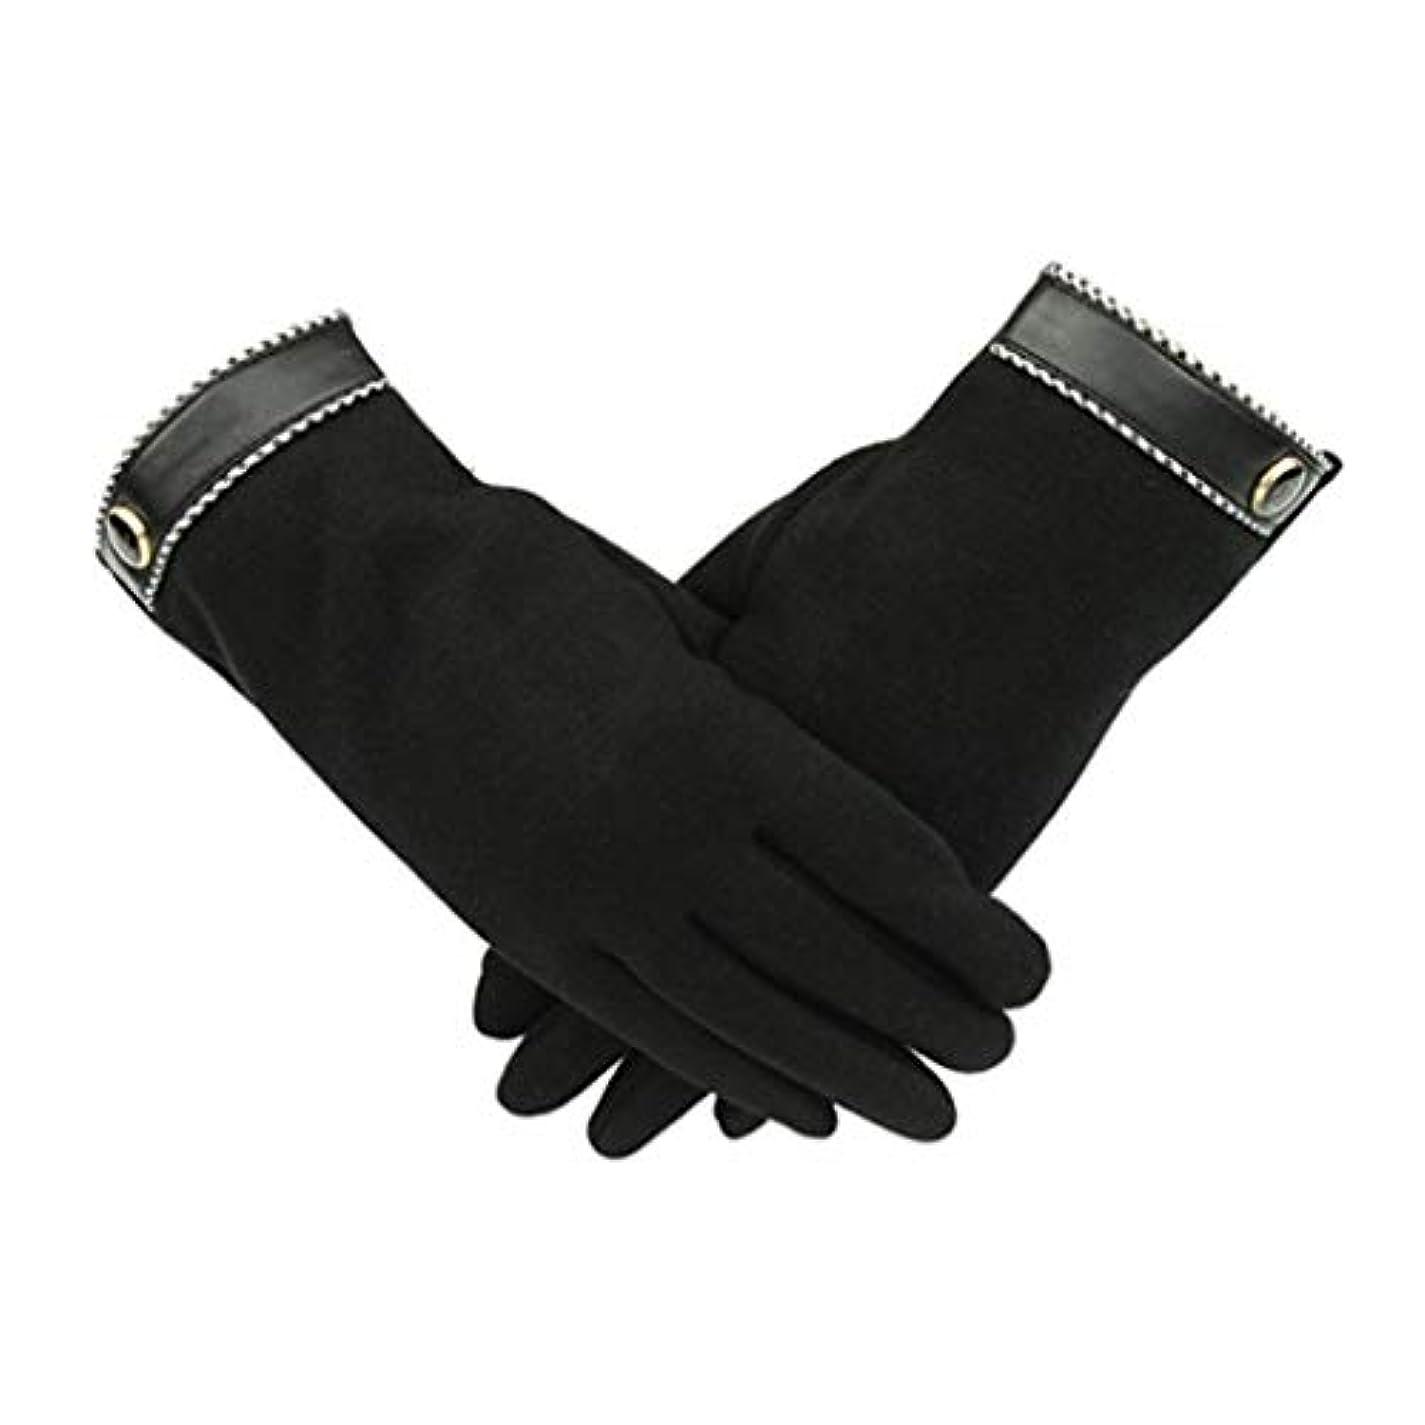 頑固な分岐するウィザード手袋の男性プラスベルベット暖かい春と秋冬の屋外旅行は、ベルベットのタッチスクリーンの手袋ではない (色 : 黒)